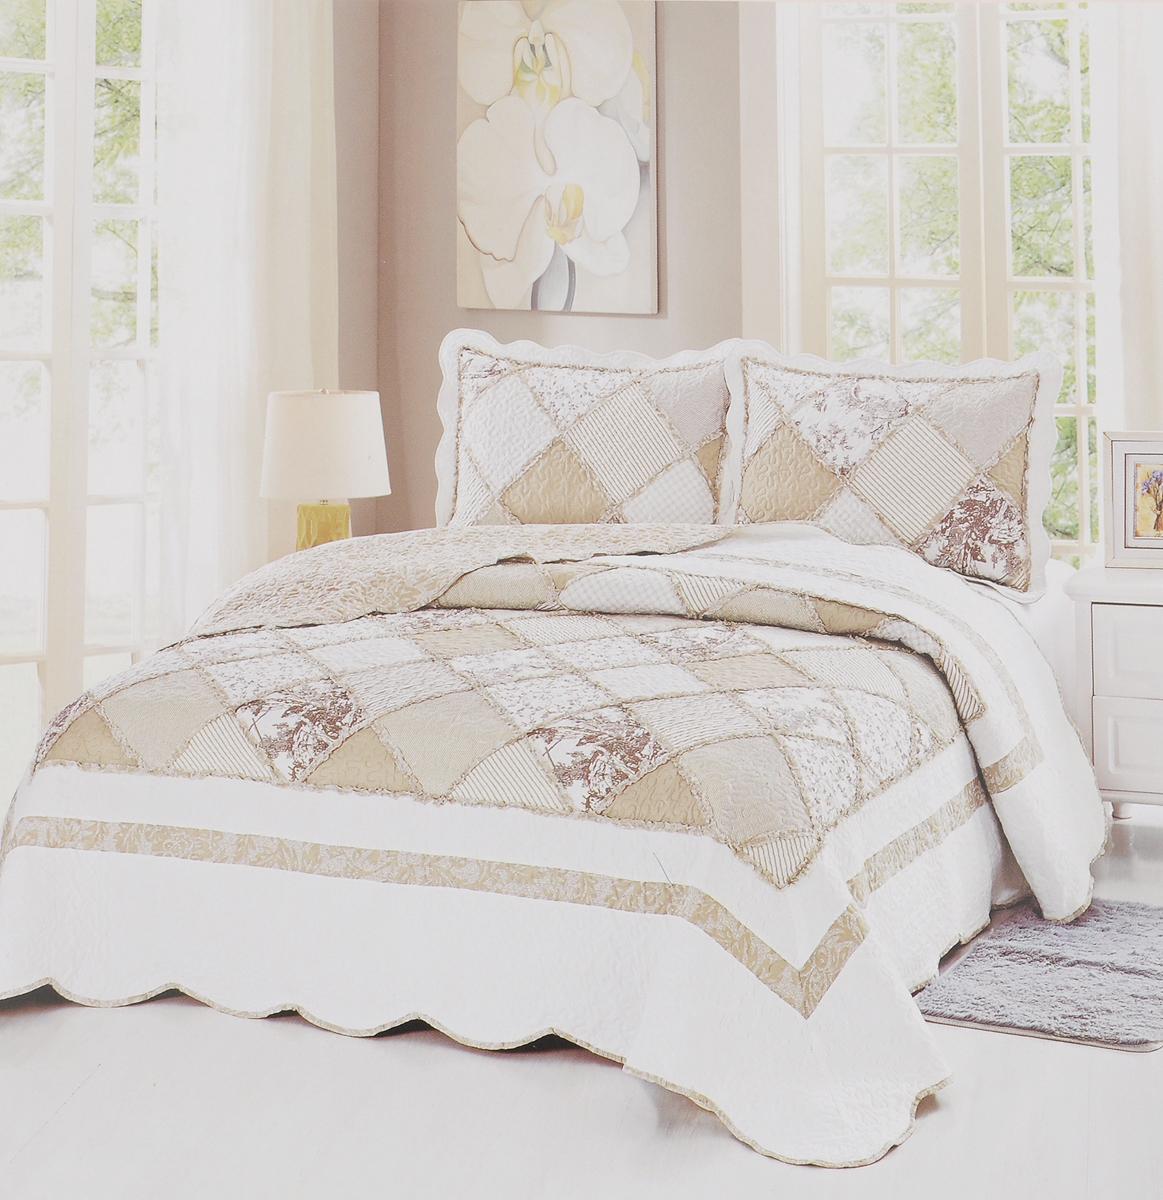 Комплект для спальни Karna Modalin. Пэчворк: покрывало 230 х 250 см, 2 наволочки 50 х 70 см, цвет: белый, коричневый, бежевый531-301Изысканный комплект Karna Modalin. Пэчворк прекрасно оформит интерьер спальни или гостиной. Комплект состоит из двухстороннего покрывала и двух наволочек. Изделия изготовлены из микрофибры. Постельные комплекты Karna уникальны, так как они практичны и универсальны в использовании. Материал хорошо сохраняет окраску и форму. Изделия долговечны, надежны и легко стираются.Комплект Karna не только подарит тепло, но и гармонично впишется в интерьер вашего дома. Размер покрывала: 230 х 250 см.Размер наволочки: 50 х 70 см.